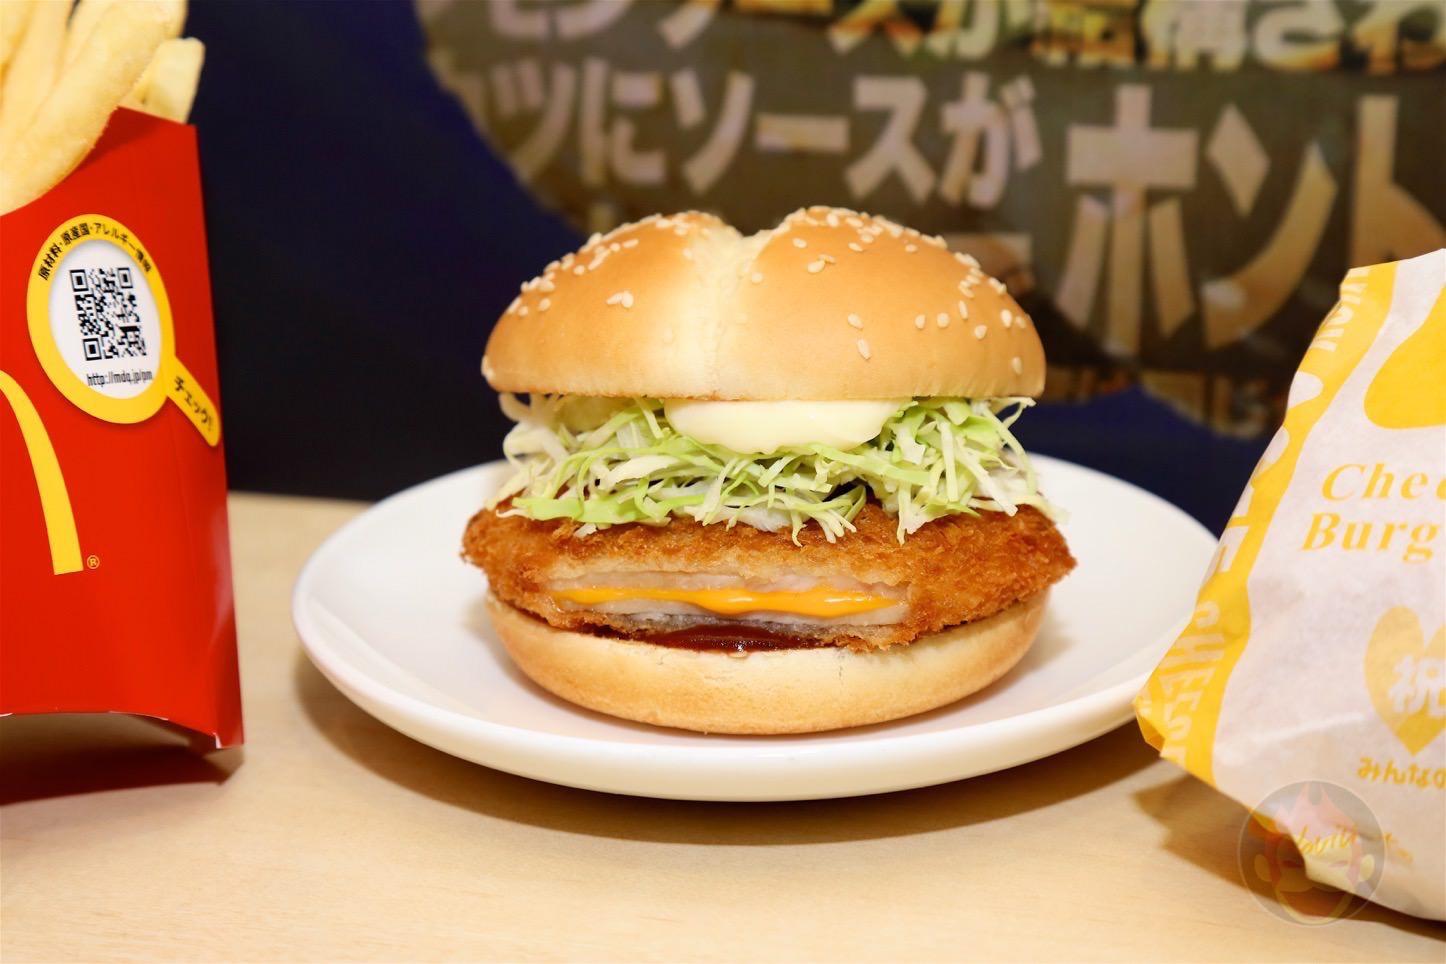 McDonalds-Cheese-Katsu-Burger-02.jpg